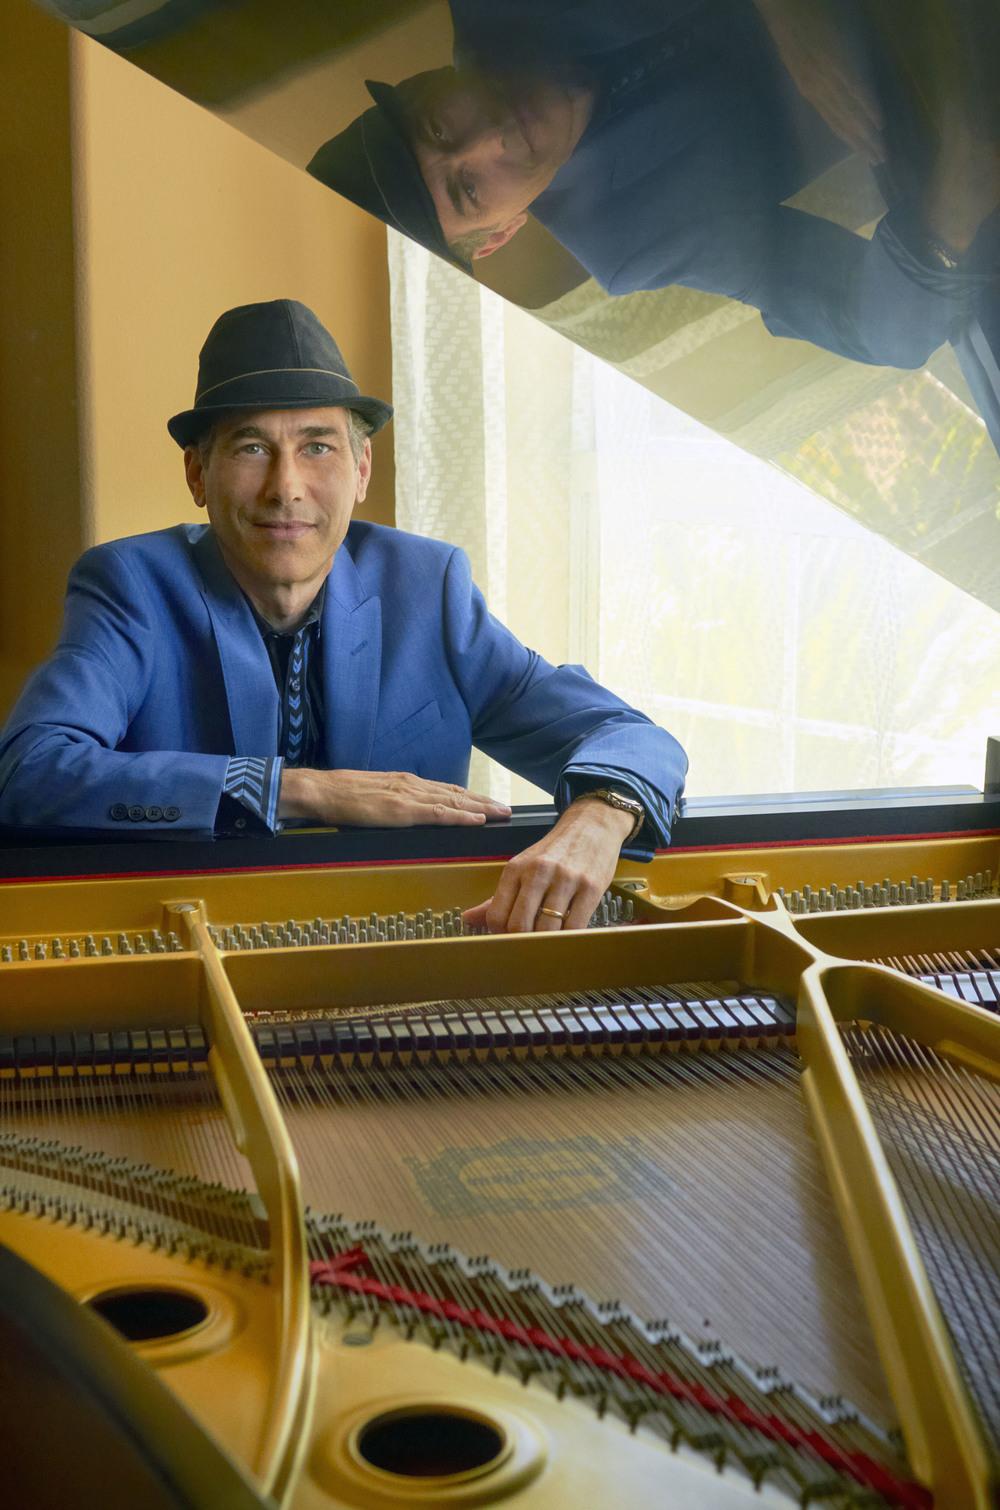 Gregg Karukas at piano-photo credit Sherry Barnett.jpg